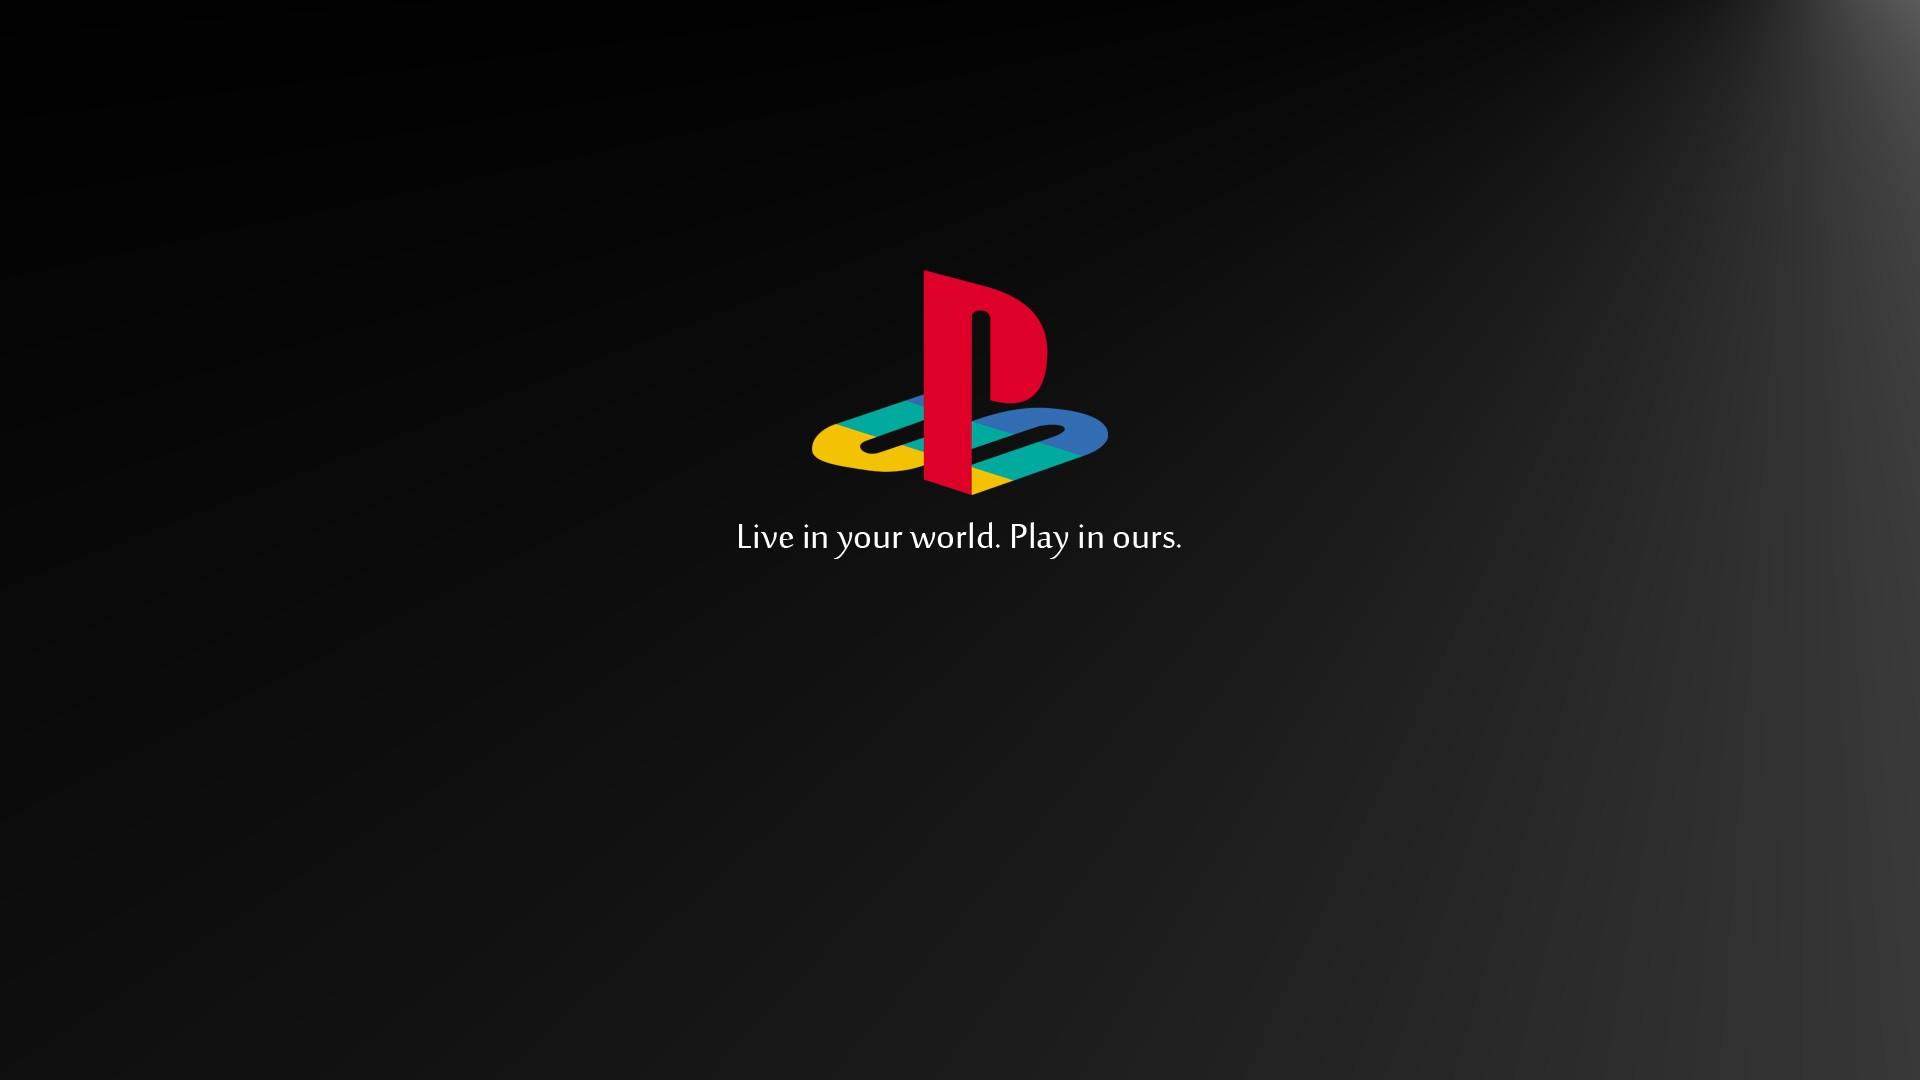 HD Playstation Wallpapers - WallpaperSafari  HD Playstation ...